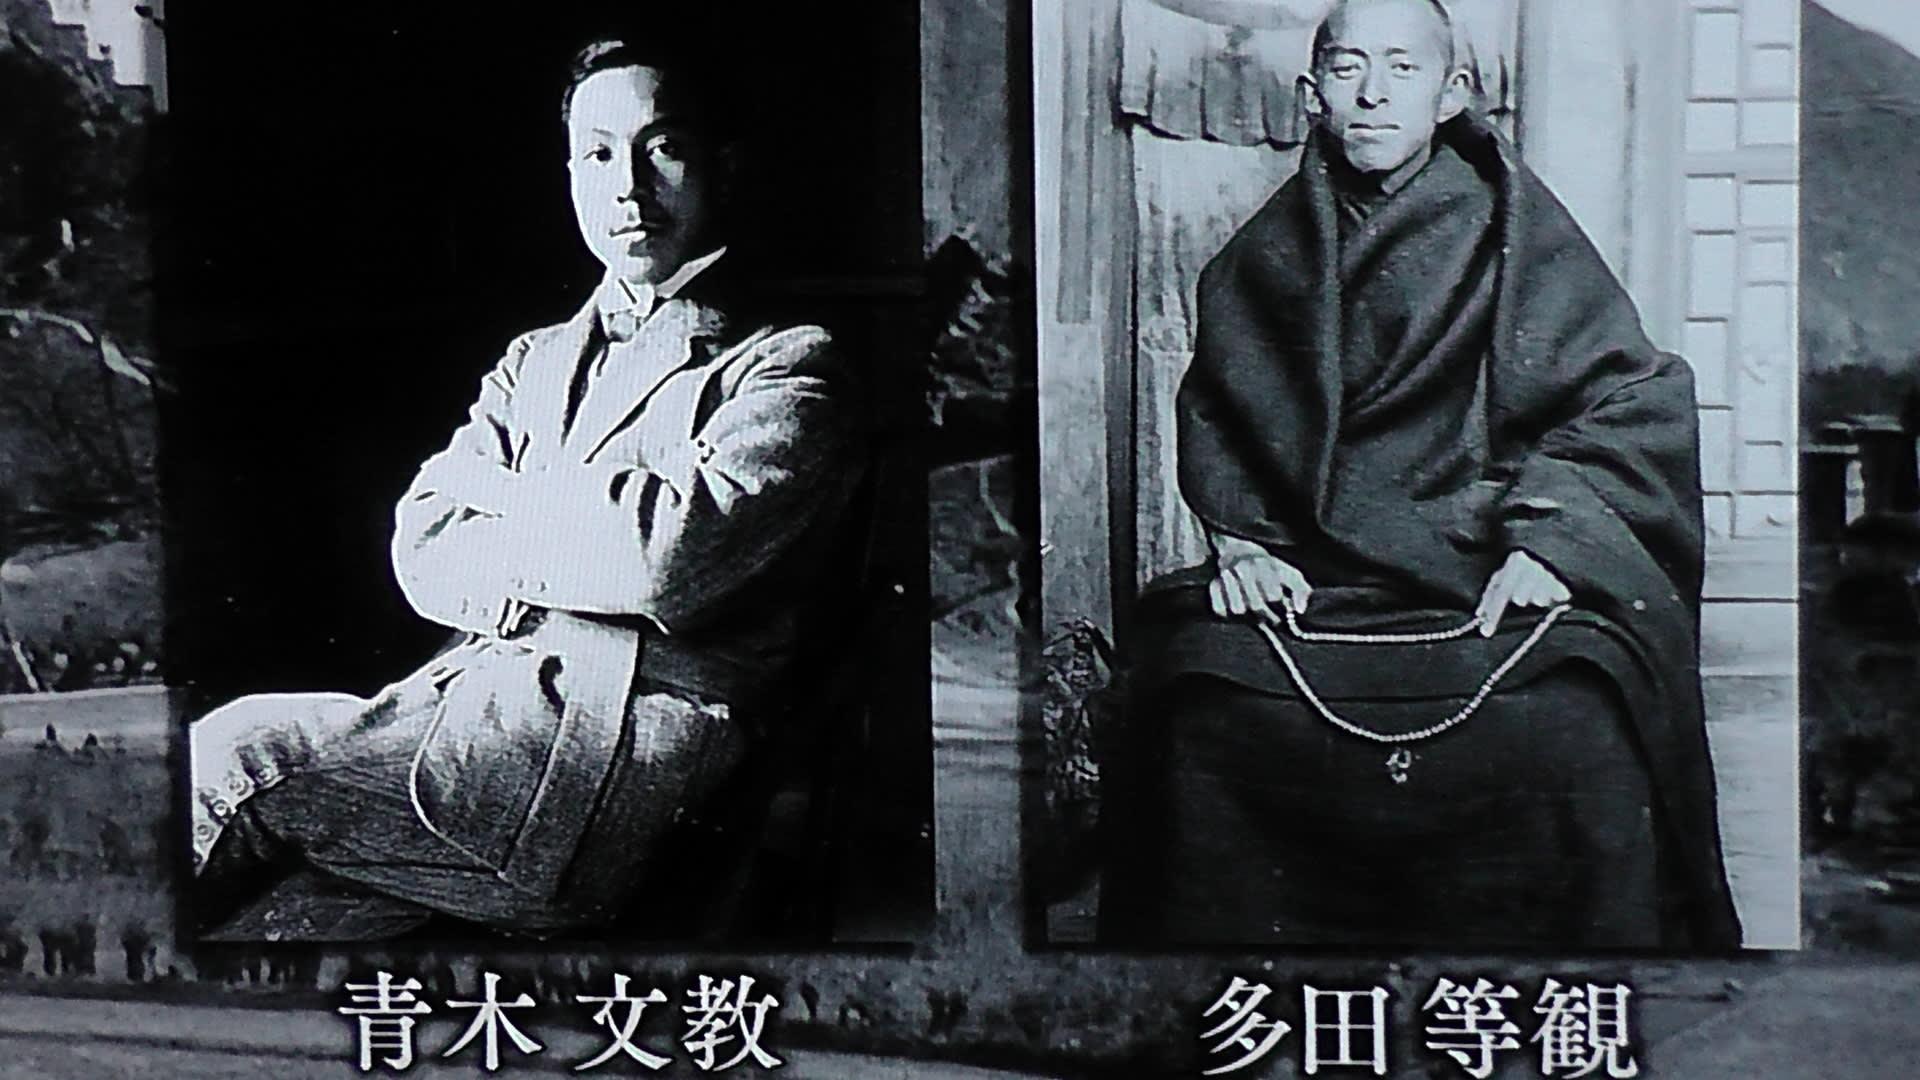 チベットの仏教世界 もうひとつの大谷探検隊 - 京都で定年後生活